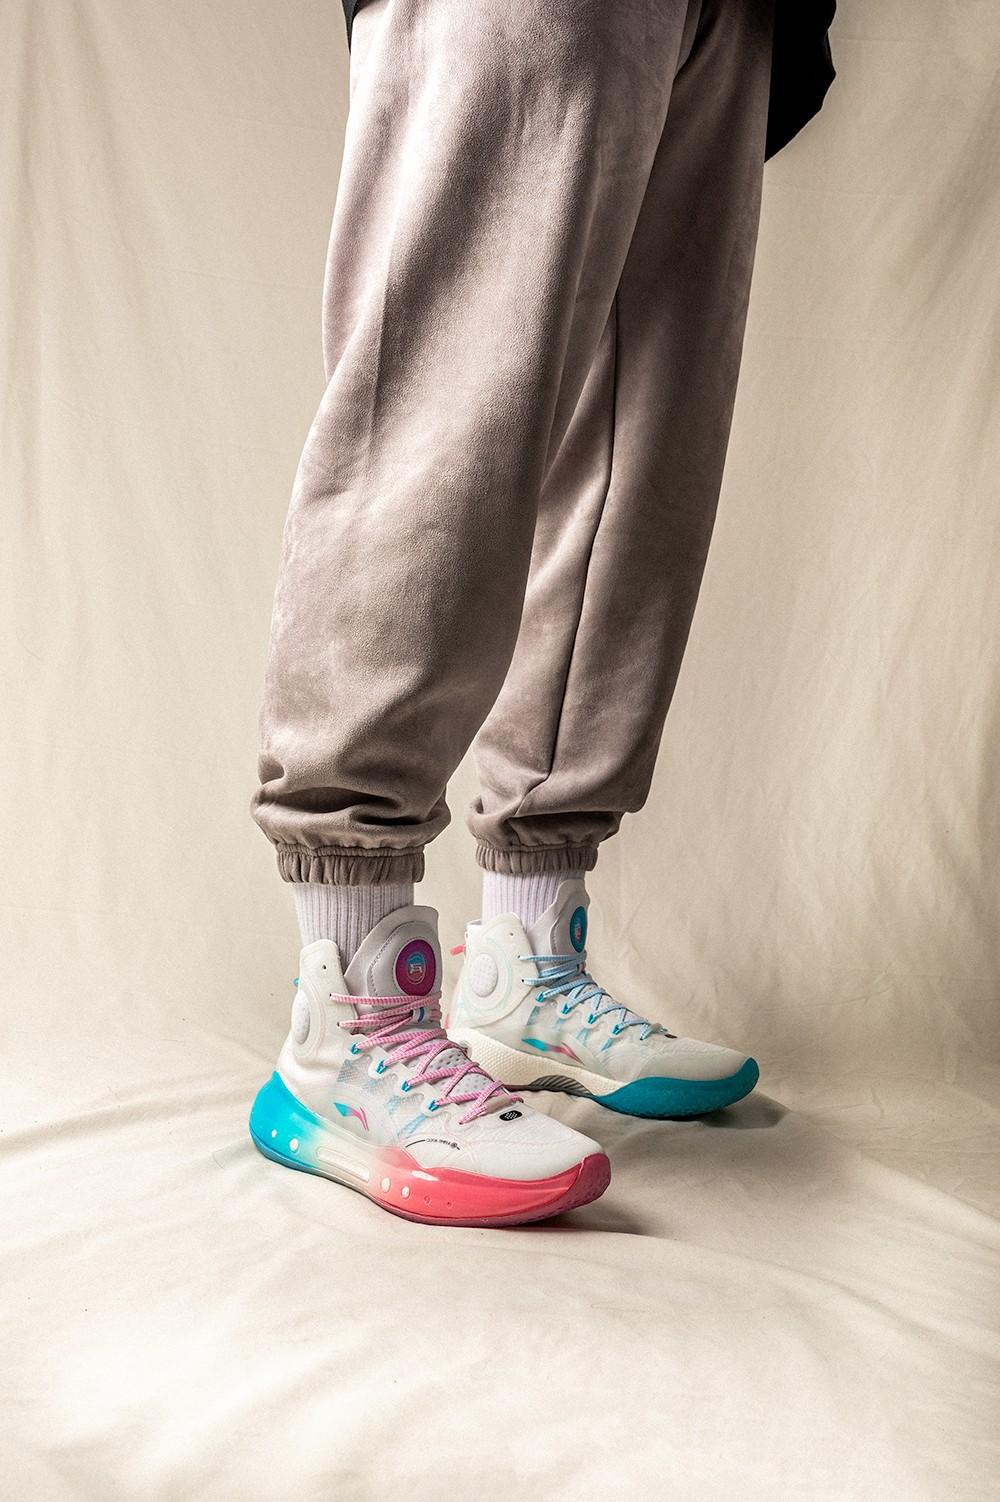 李宁,吉米·巴特勒,明星,驭帅 14  今年「涨价最夸张」球鞋!每次 1 秒售罄!全新配色登记马上结束!